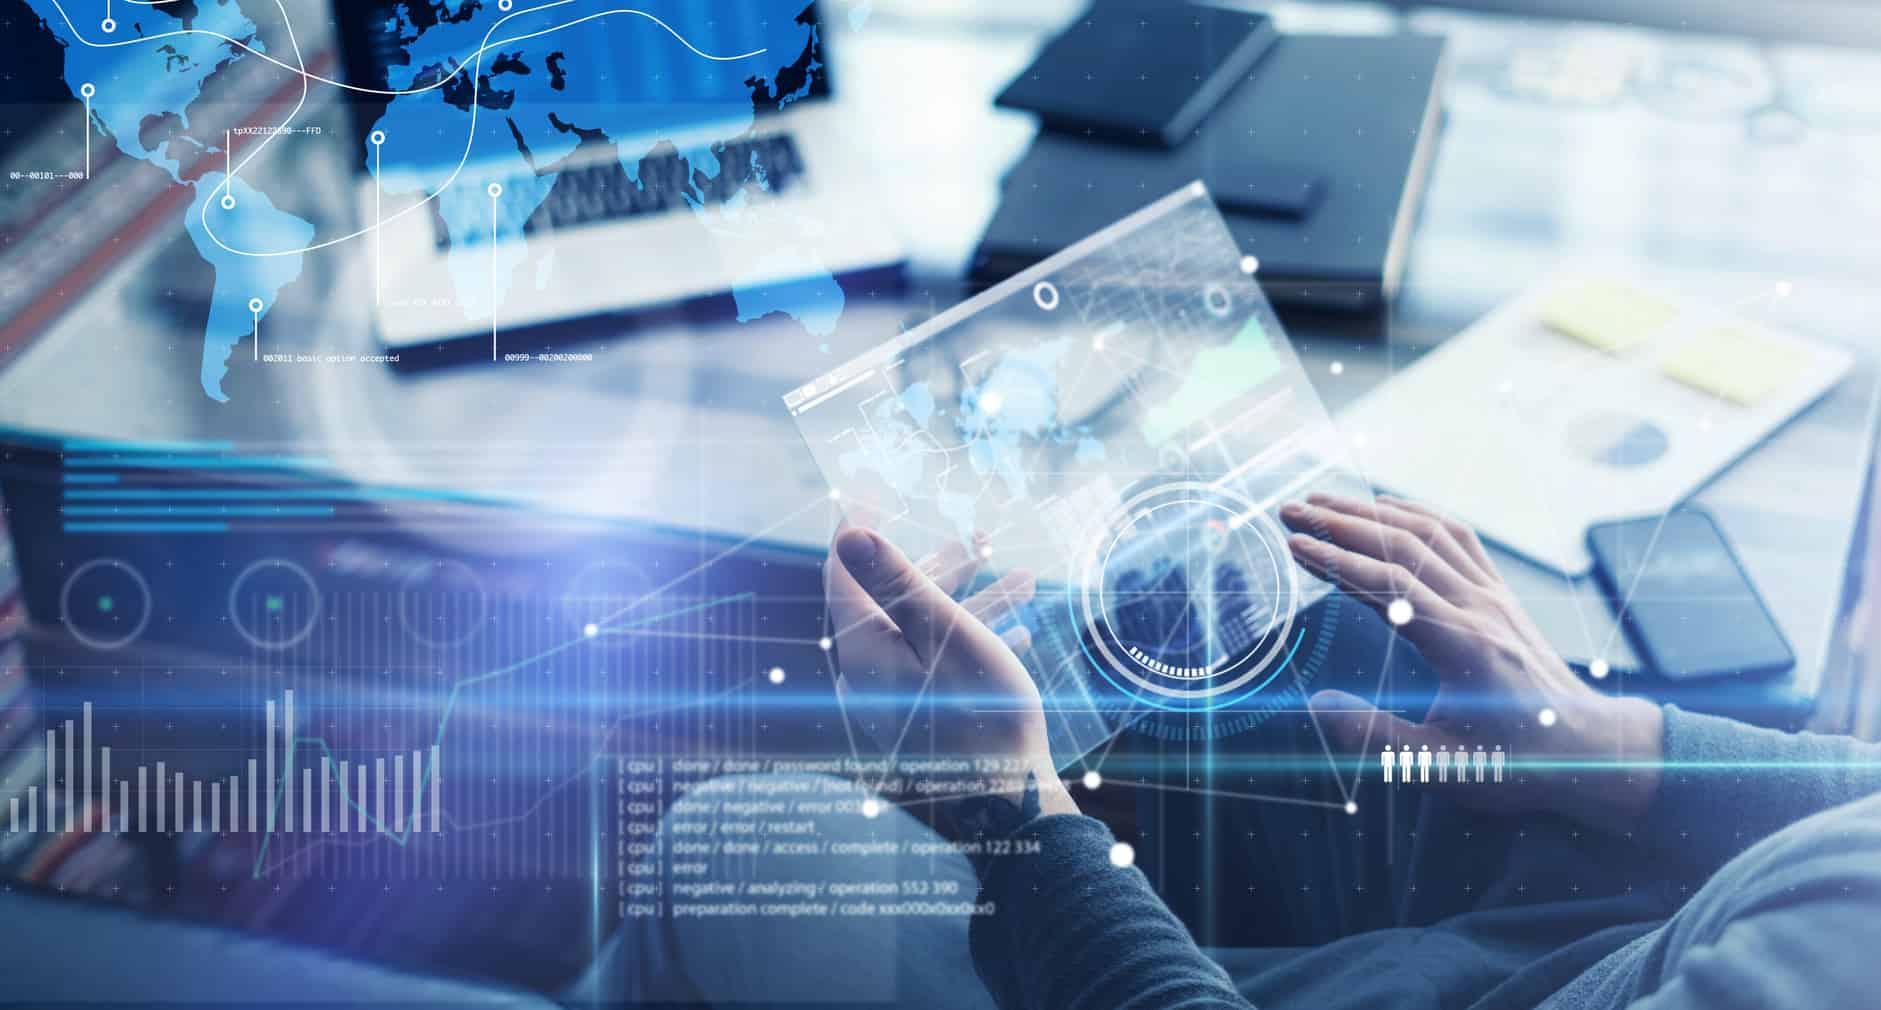 En México, los usuarios posicionan a Internet como una plataforma en la que convergen las comunicaciones, el entretenimiento y la economía. Esto implicaría para México un potencial de más de más de 230 millones de dispositivos conectados.